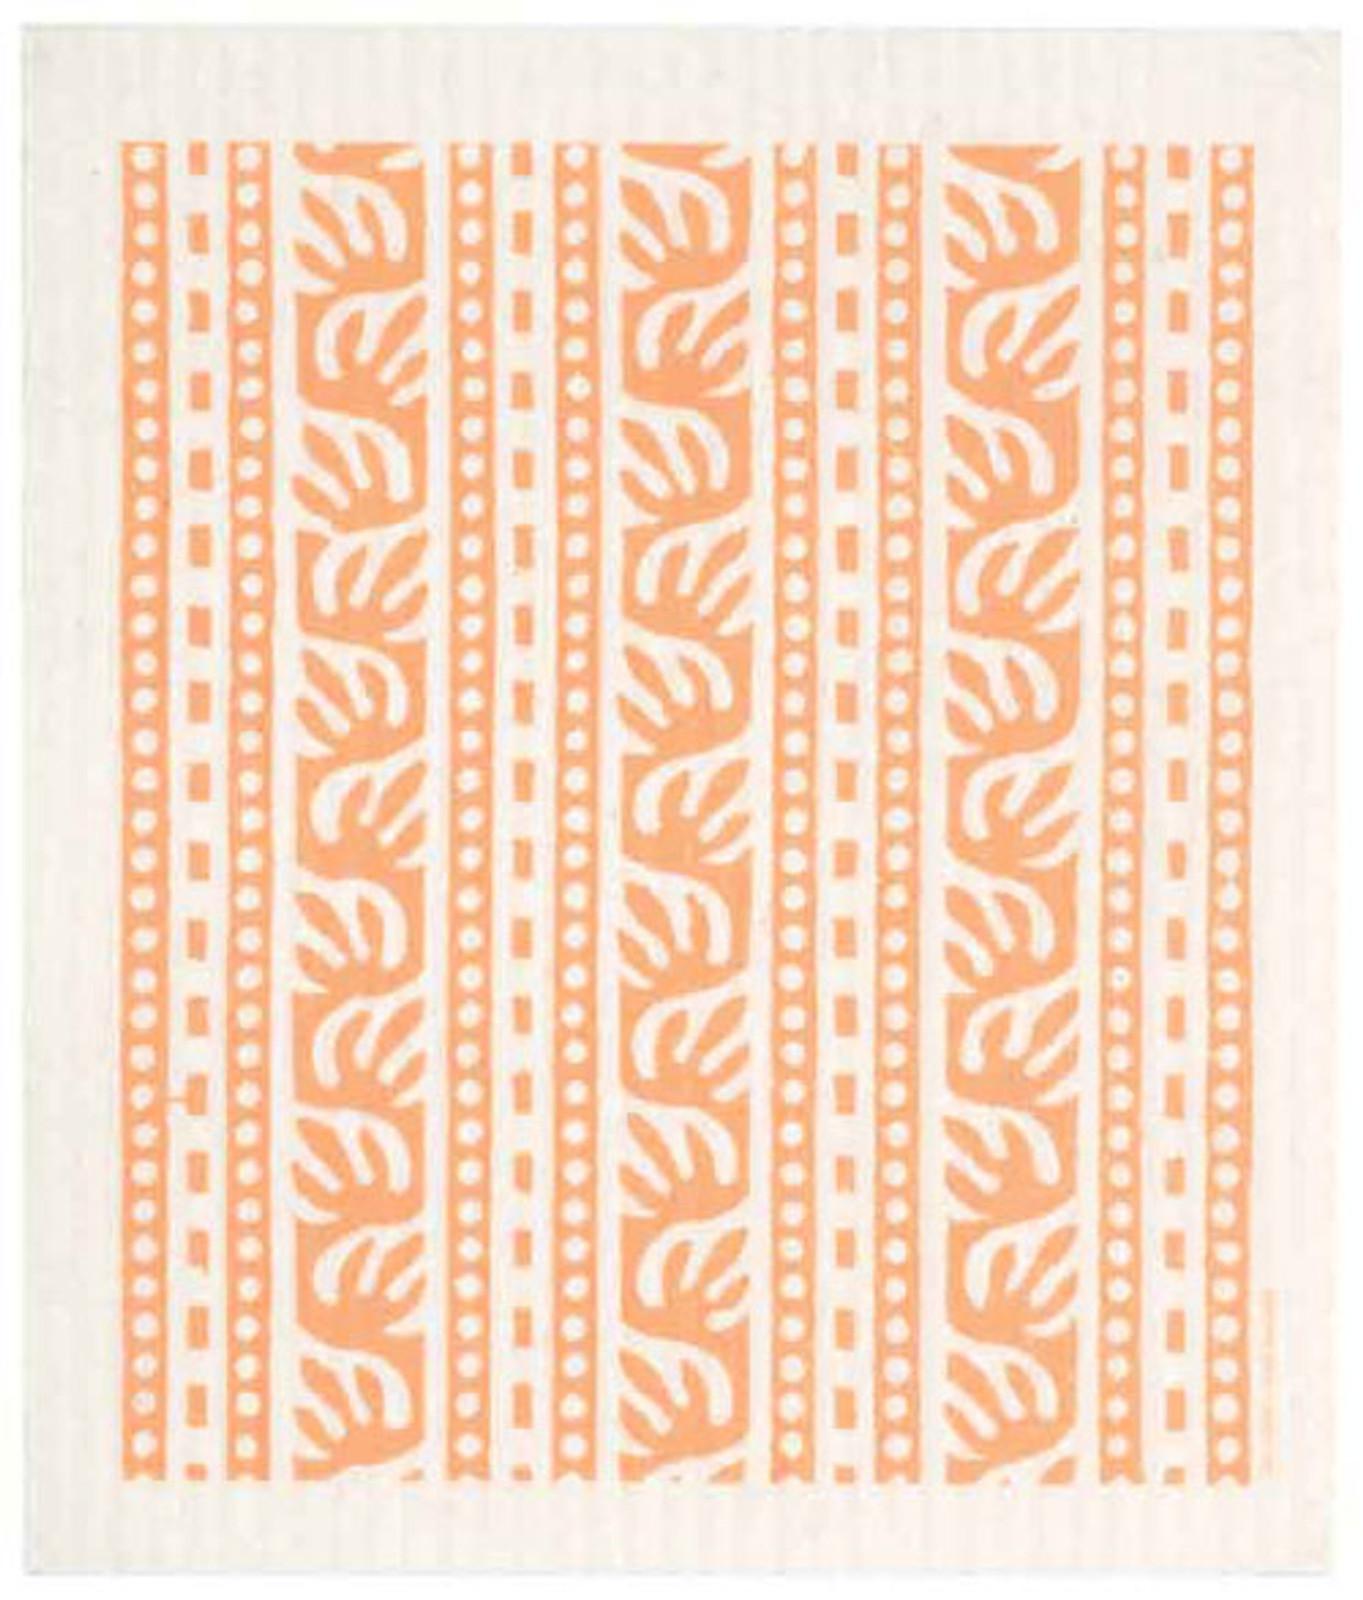 Swedish dish cloth, Yellow Batikk design